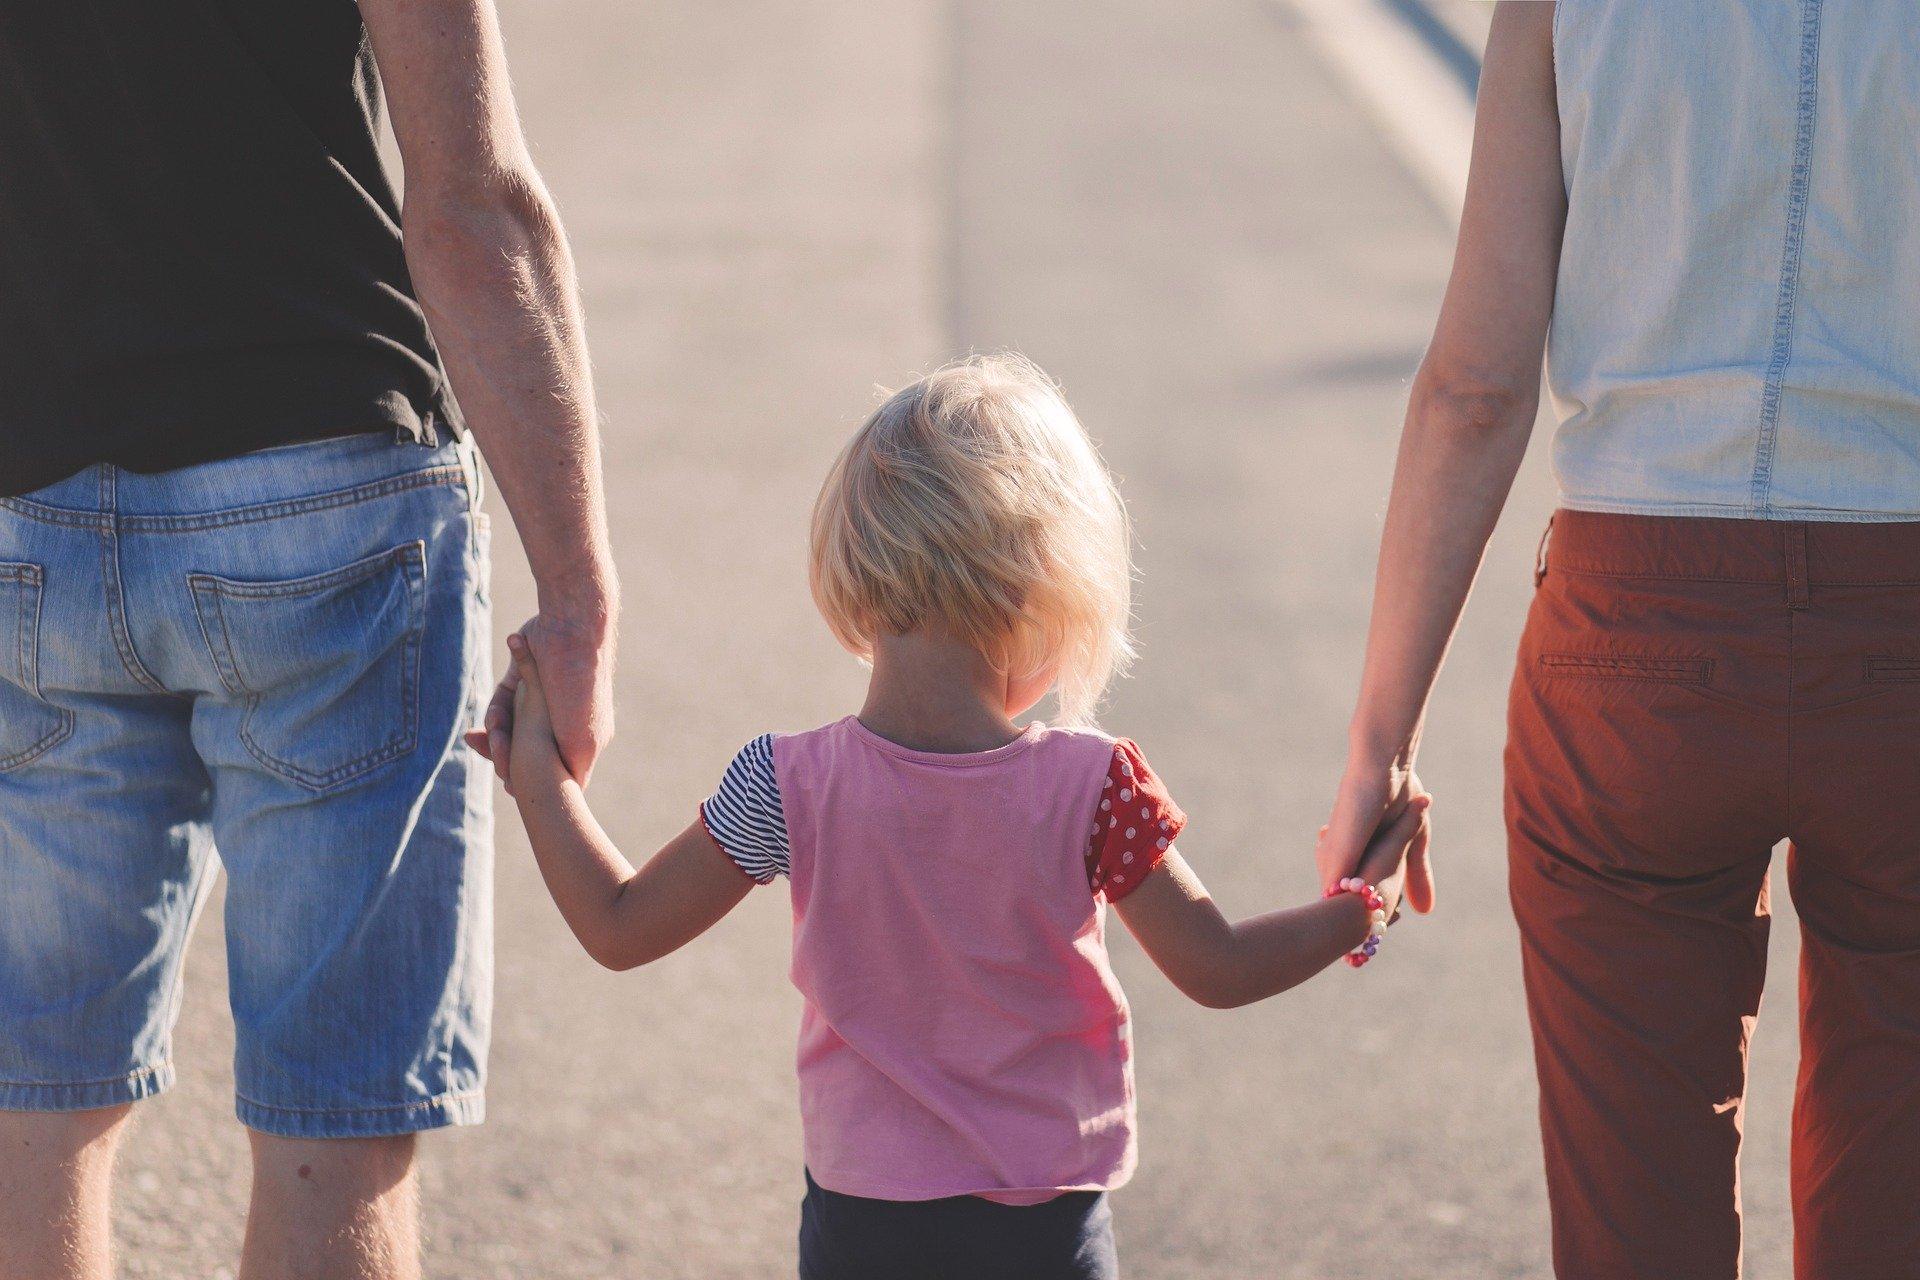 איך תוכלו לבצע בקרת הורים על פעילות ילדכם באינטרנט?